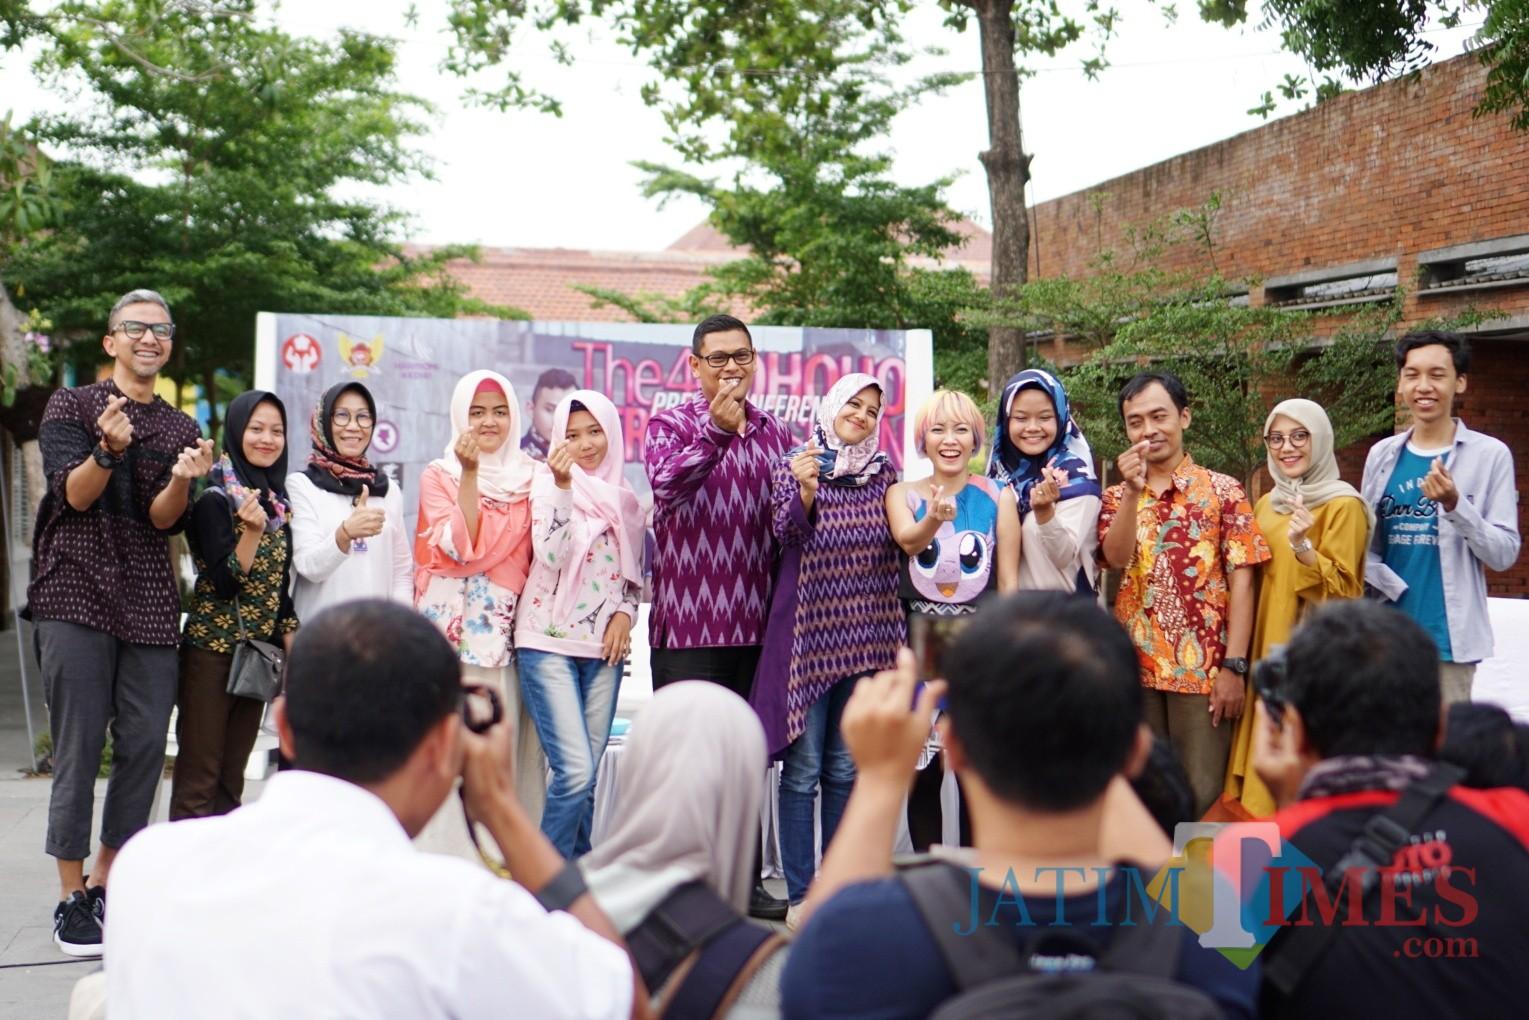 Wali Kota Kediri Abdullah Abu Bakar dan Ketua Dekranasda Kota Kediri Ferry Silviana Abu Bakar  berfoto bersama para desainer seusai menggelar jumpa pers. (Foto: B. Setioko/JatimTIMES)